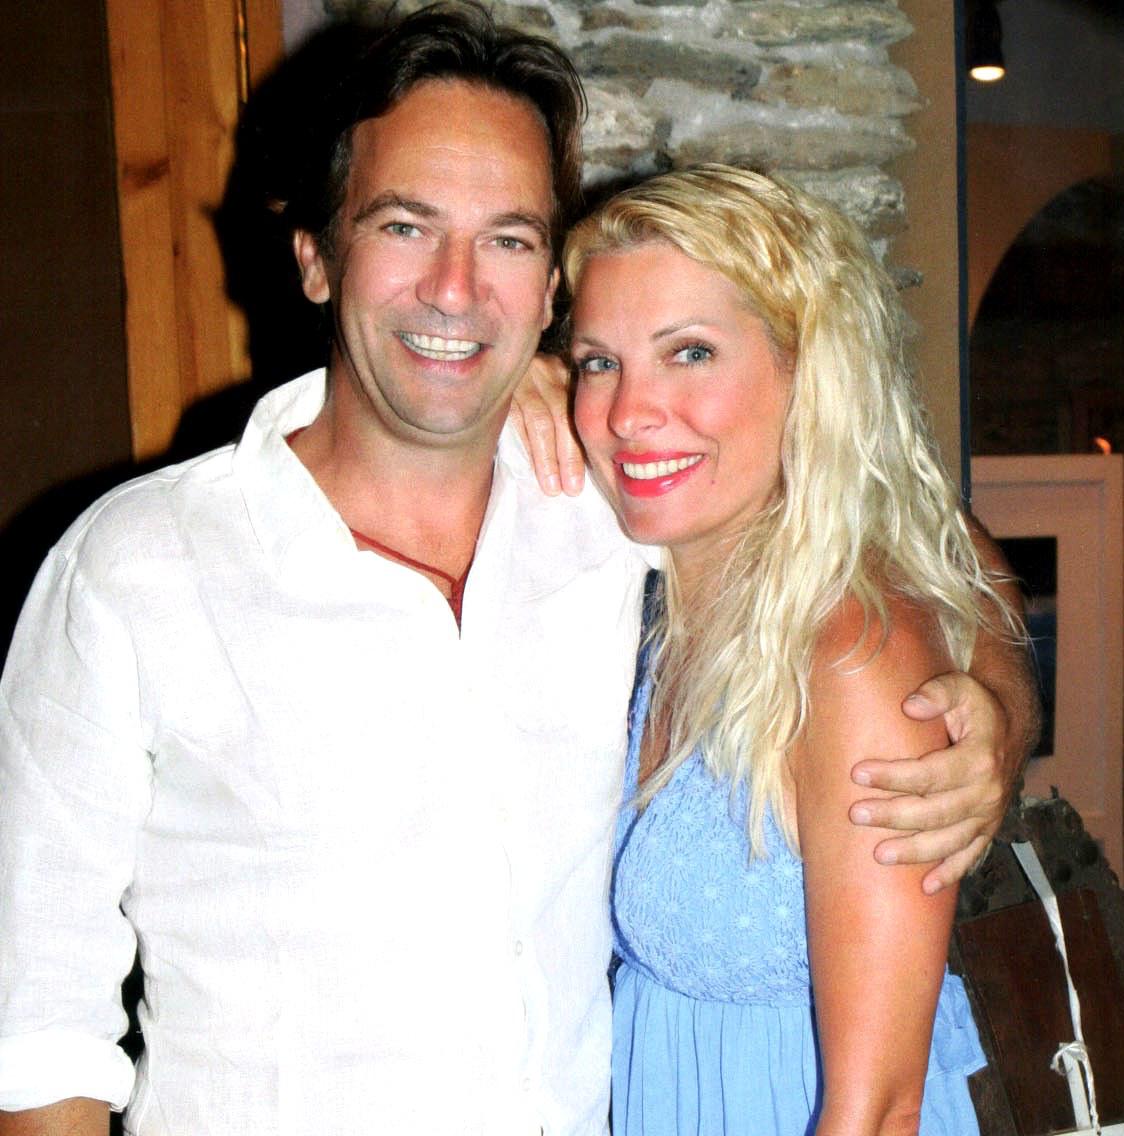 newego LARGE t 1401 107331527 - Αποκλειστικό! Βρήκε σπίτι η Ελένη Μενεγάκη και ο Μάκης Παντζόπουλος! Σε πόσα τετραγωνικά θα στεγάσουν τον έρωτα τους;